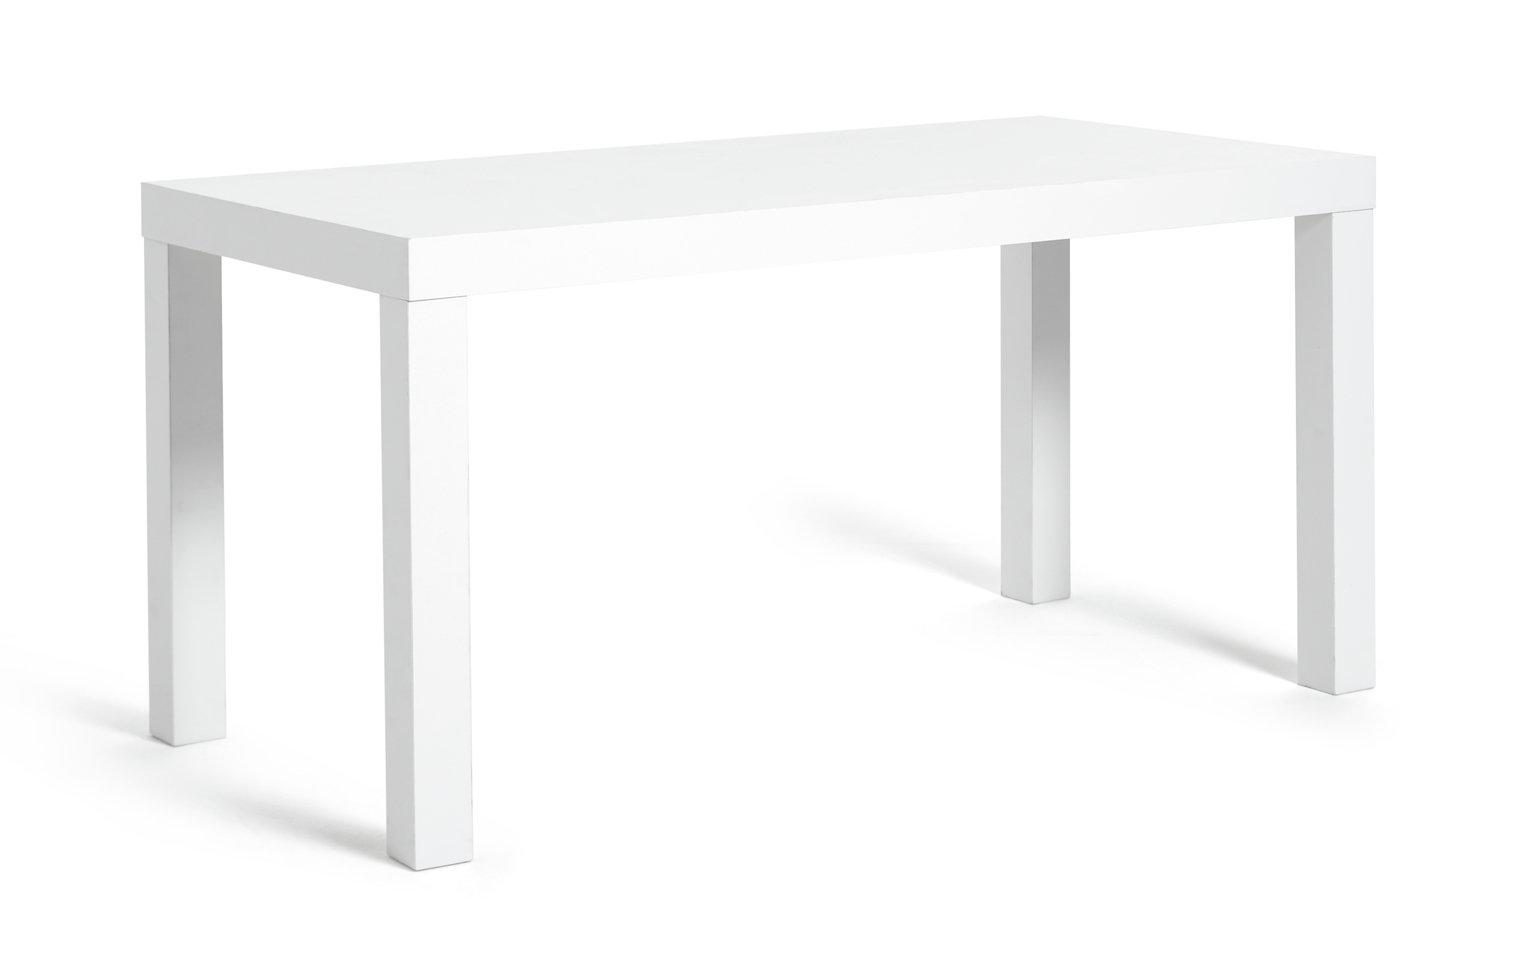 Delicieux Buy Argos Home Sasha Coffee Table   White | Coffee Tables, Side Tables And  Nest Of Tables | Argos